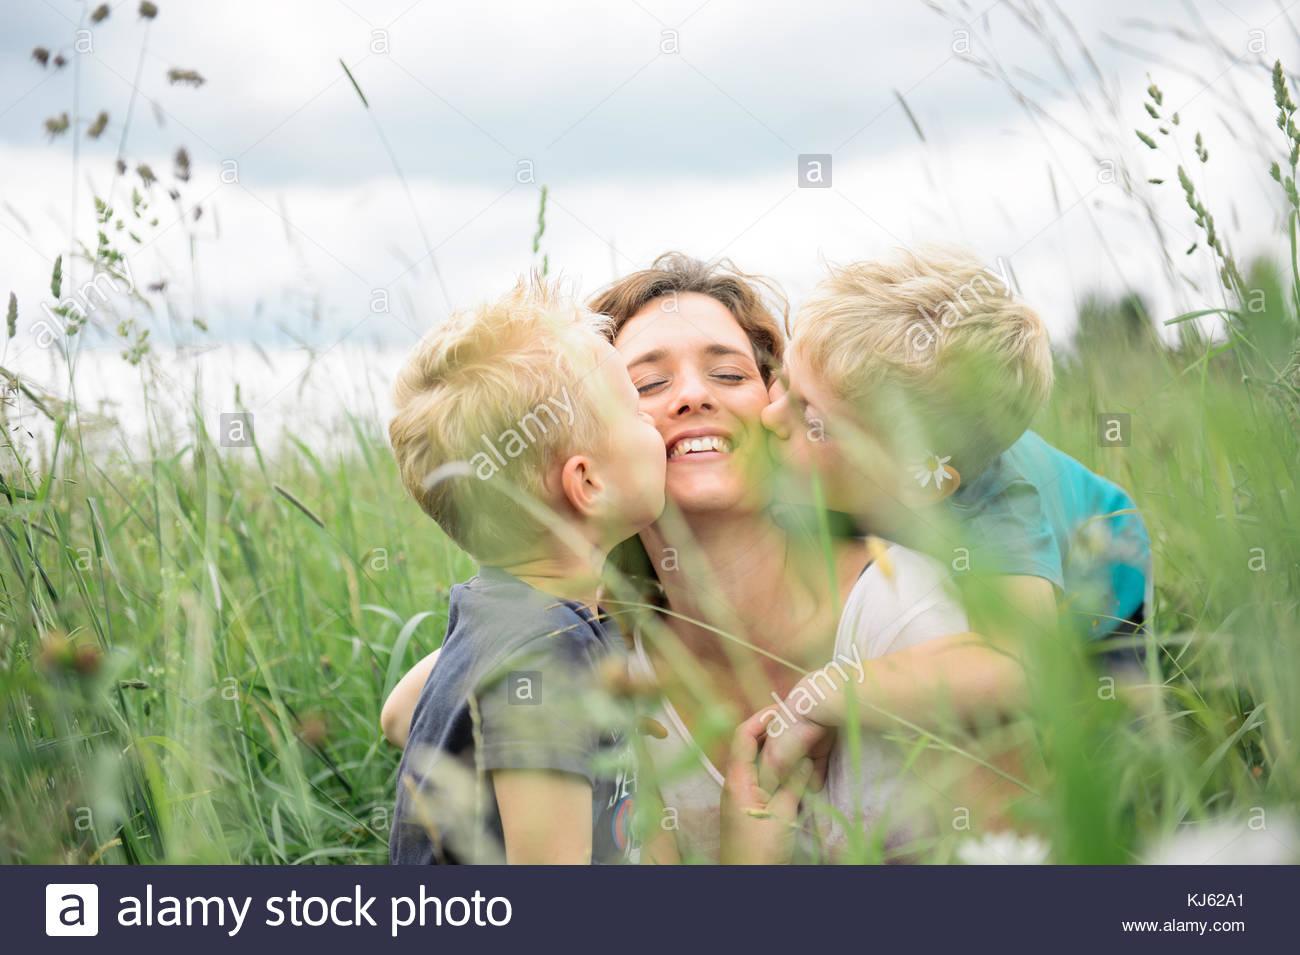 Bambini baciare la loro madre in un prato Immagini Stock